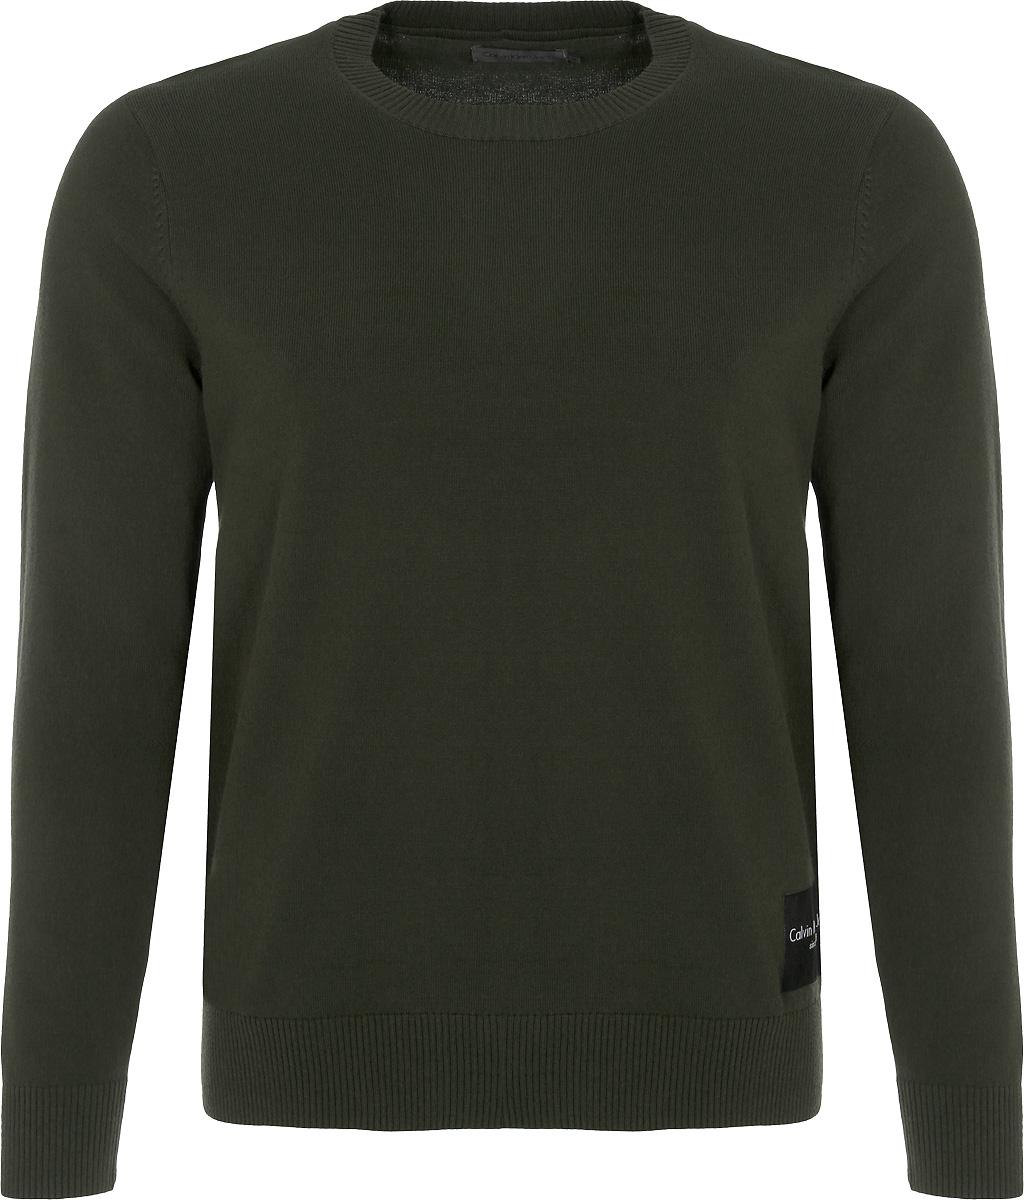 Джемпер мужской Calvin Klein Jeans, цвет: зеленый. J30J307324_3710. Размер M (46/48)J30J307324_3710Джемпер мужской Calvin Klein Jeans выполнен из качественного материала. Моделькруглым вырезом горловины и длинными рукавами.